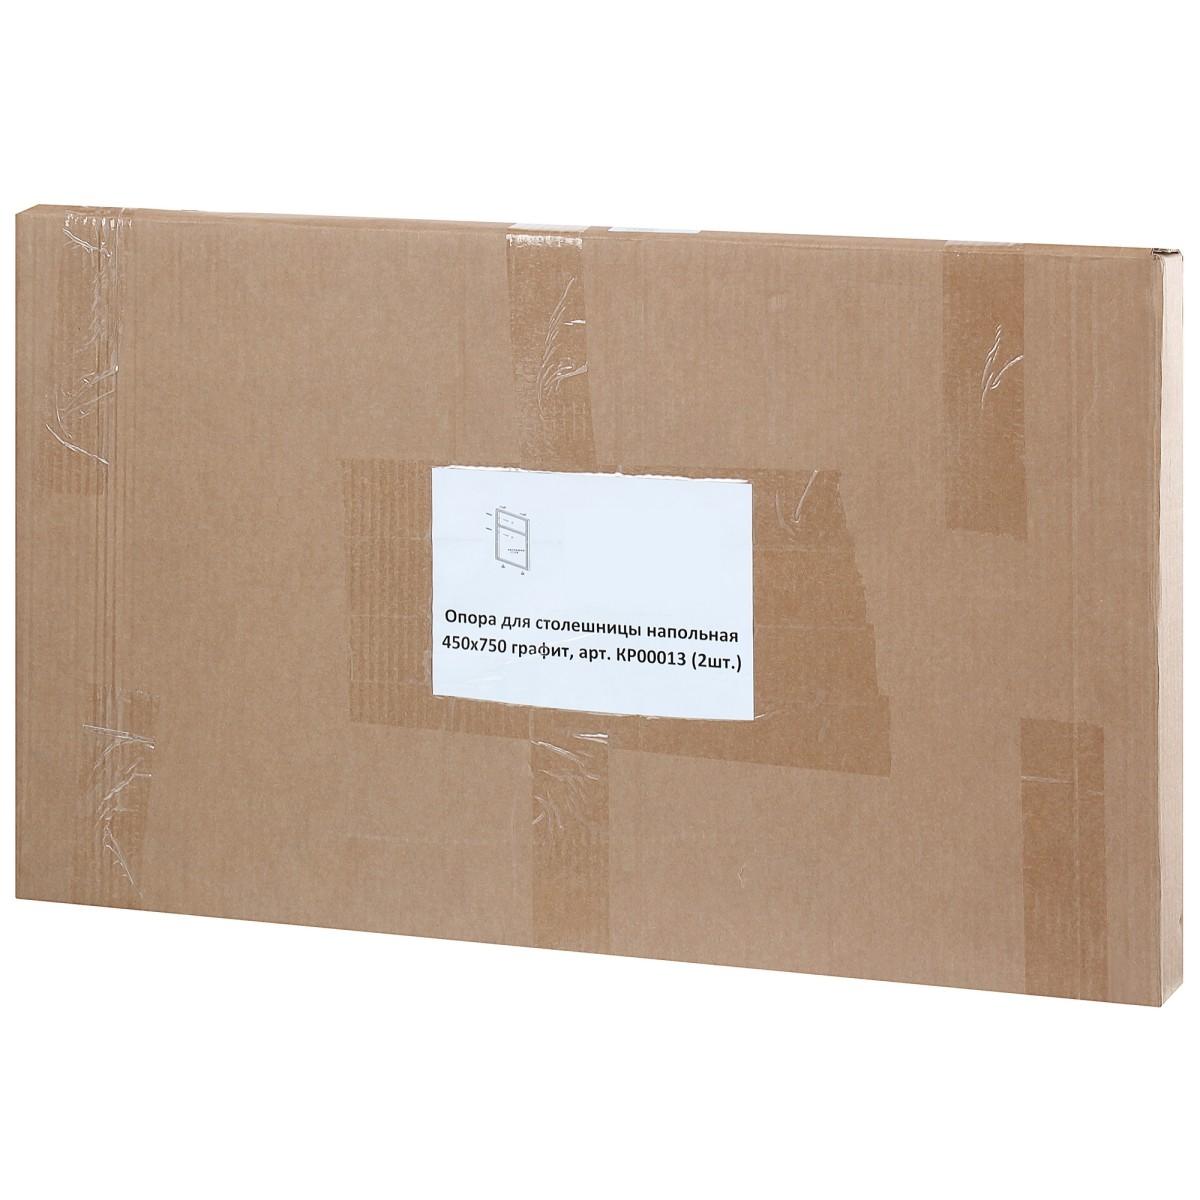 Кронейн Для Столешницы 450Х750 Цвет Серый 2